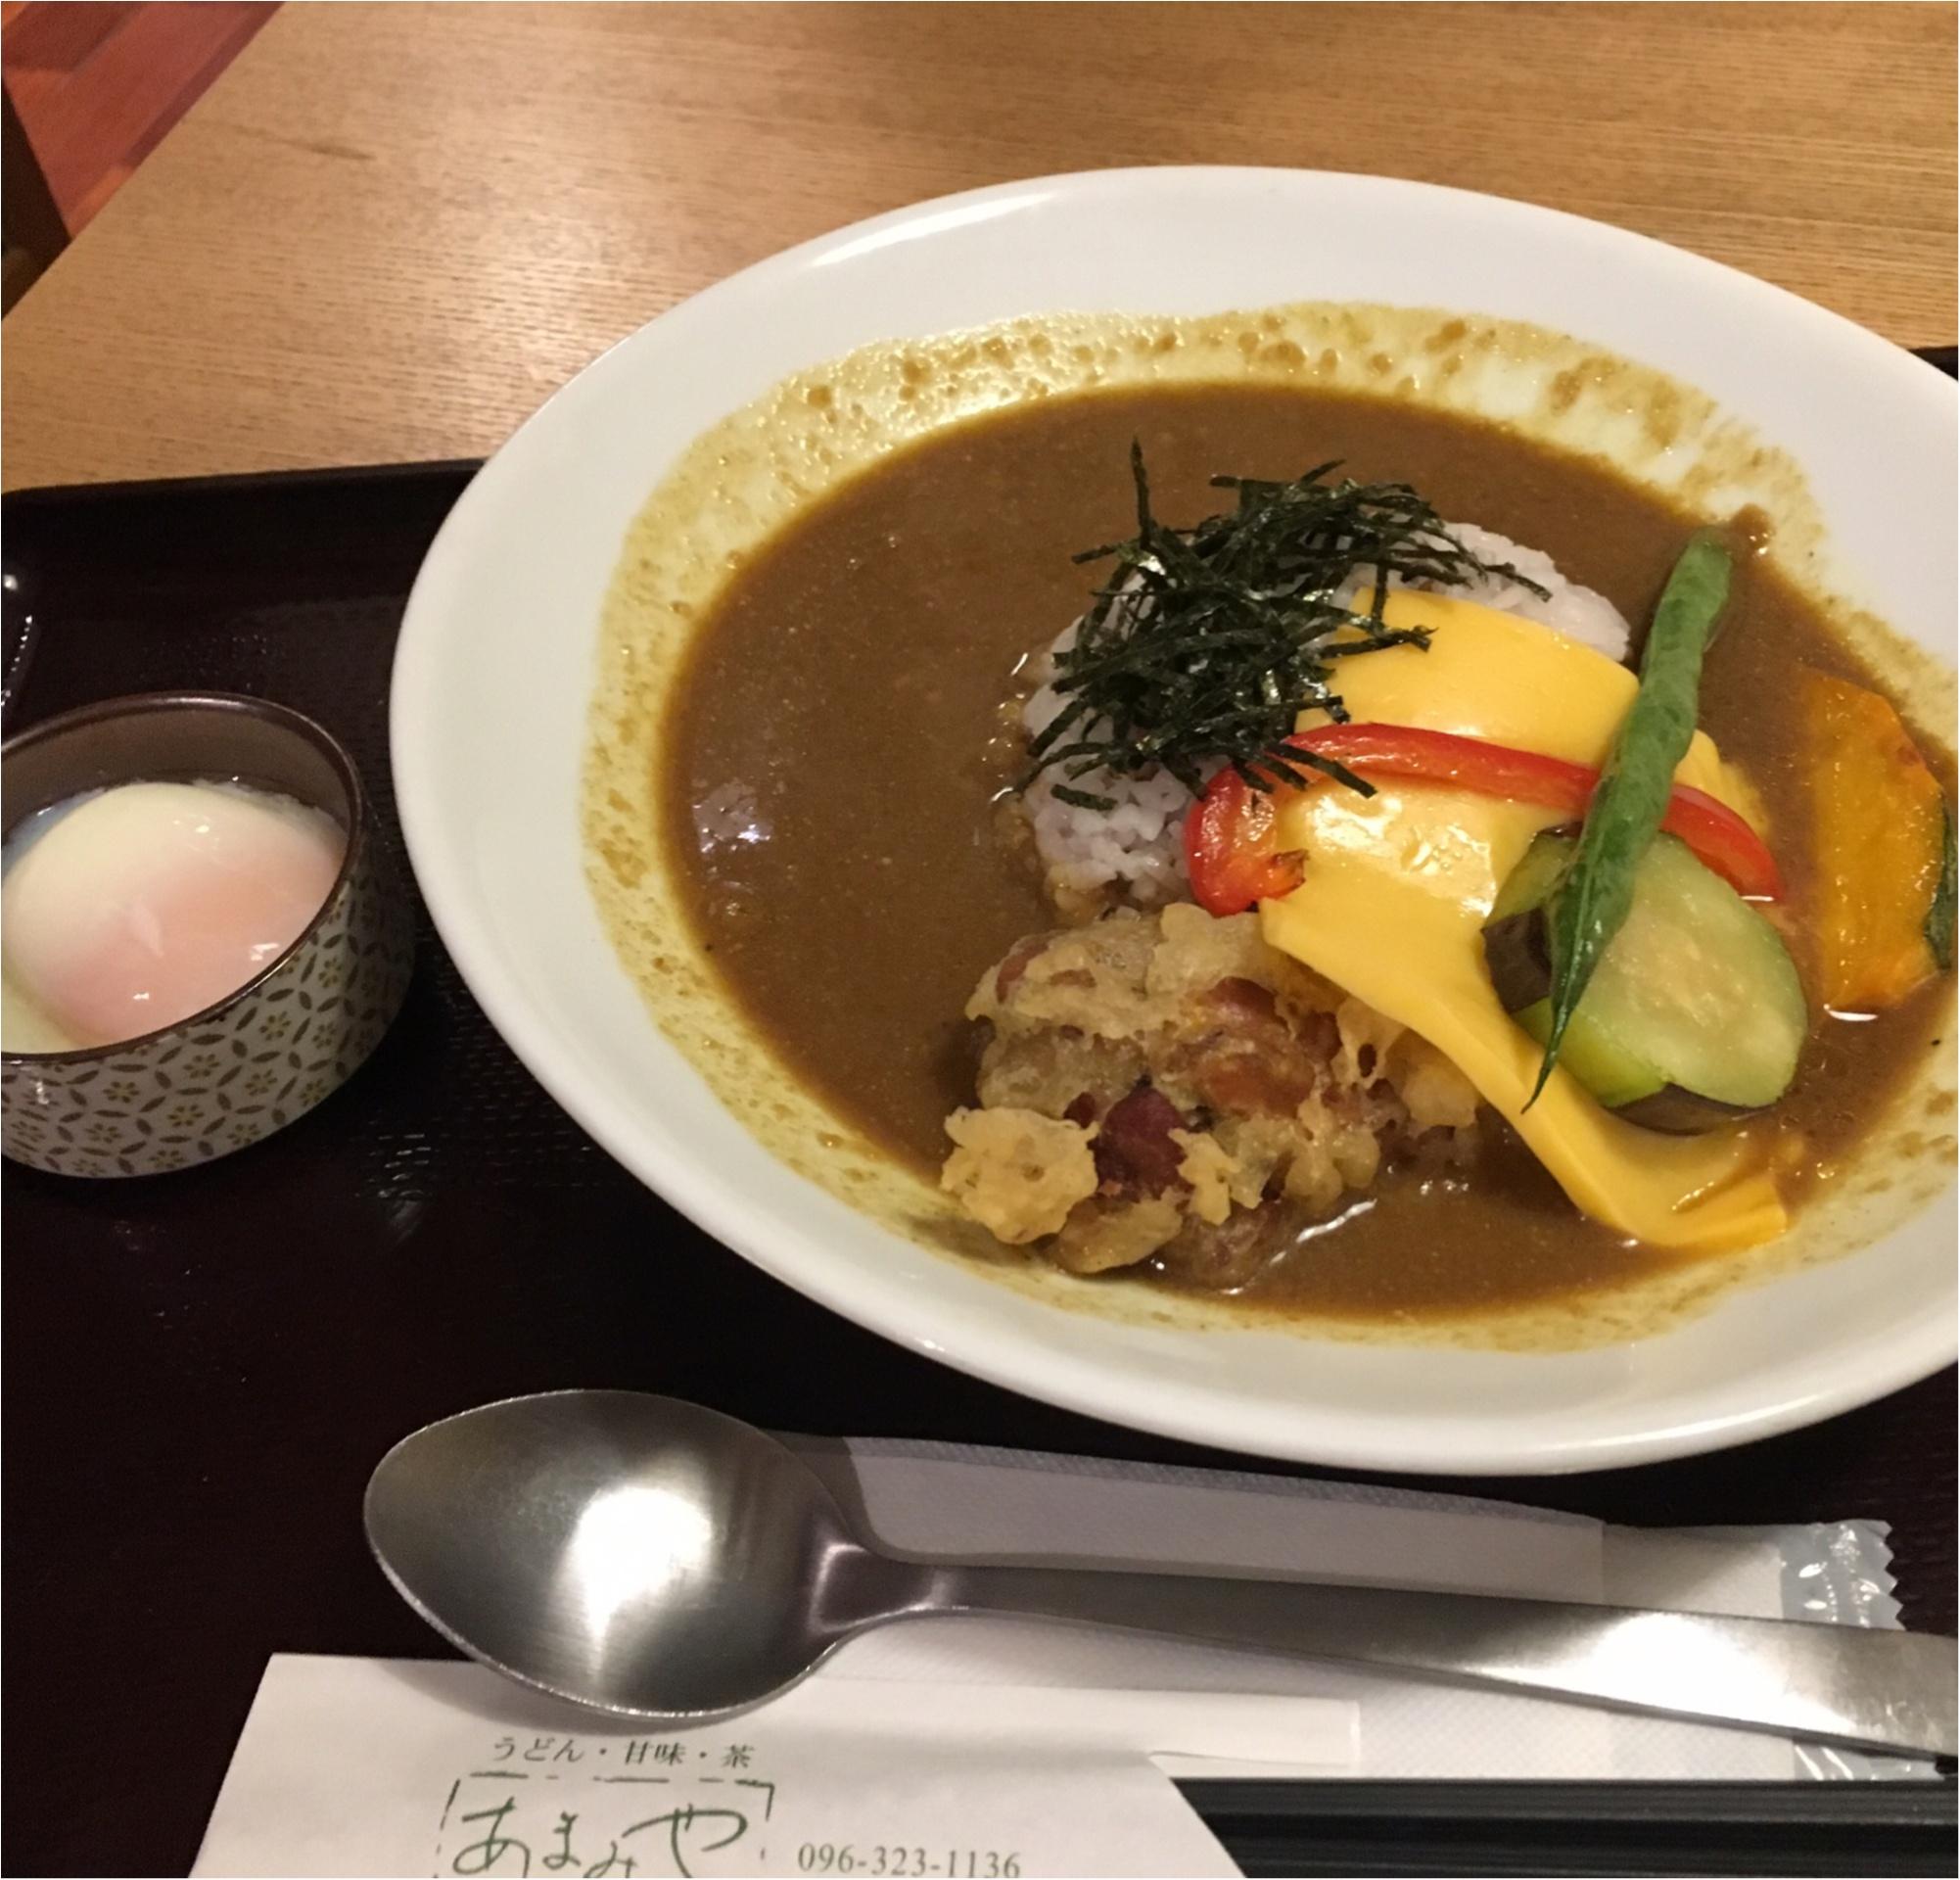 「ロコモコ丼」から「フレンチランチ」「黒カレー」まで! 熊本市内で私がオススメしたいランチまとめ!!!【#モアチャレ 熊本の魅力発信!】_11